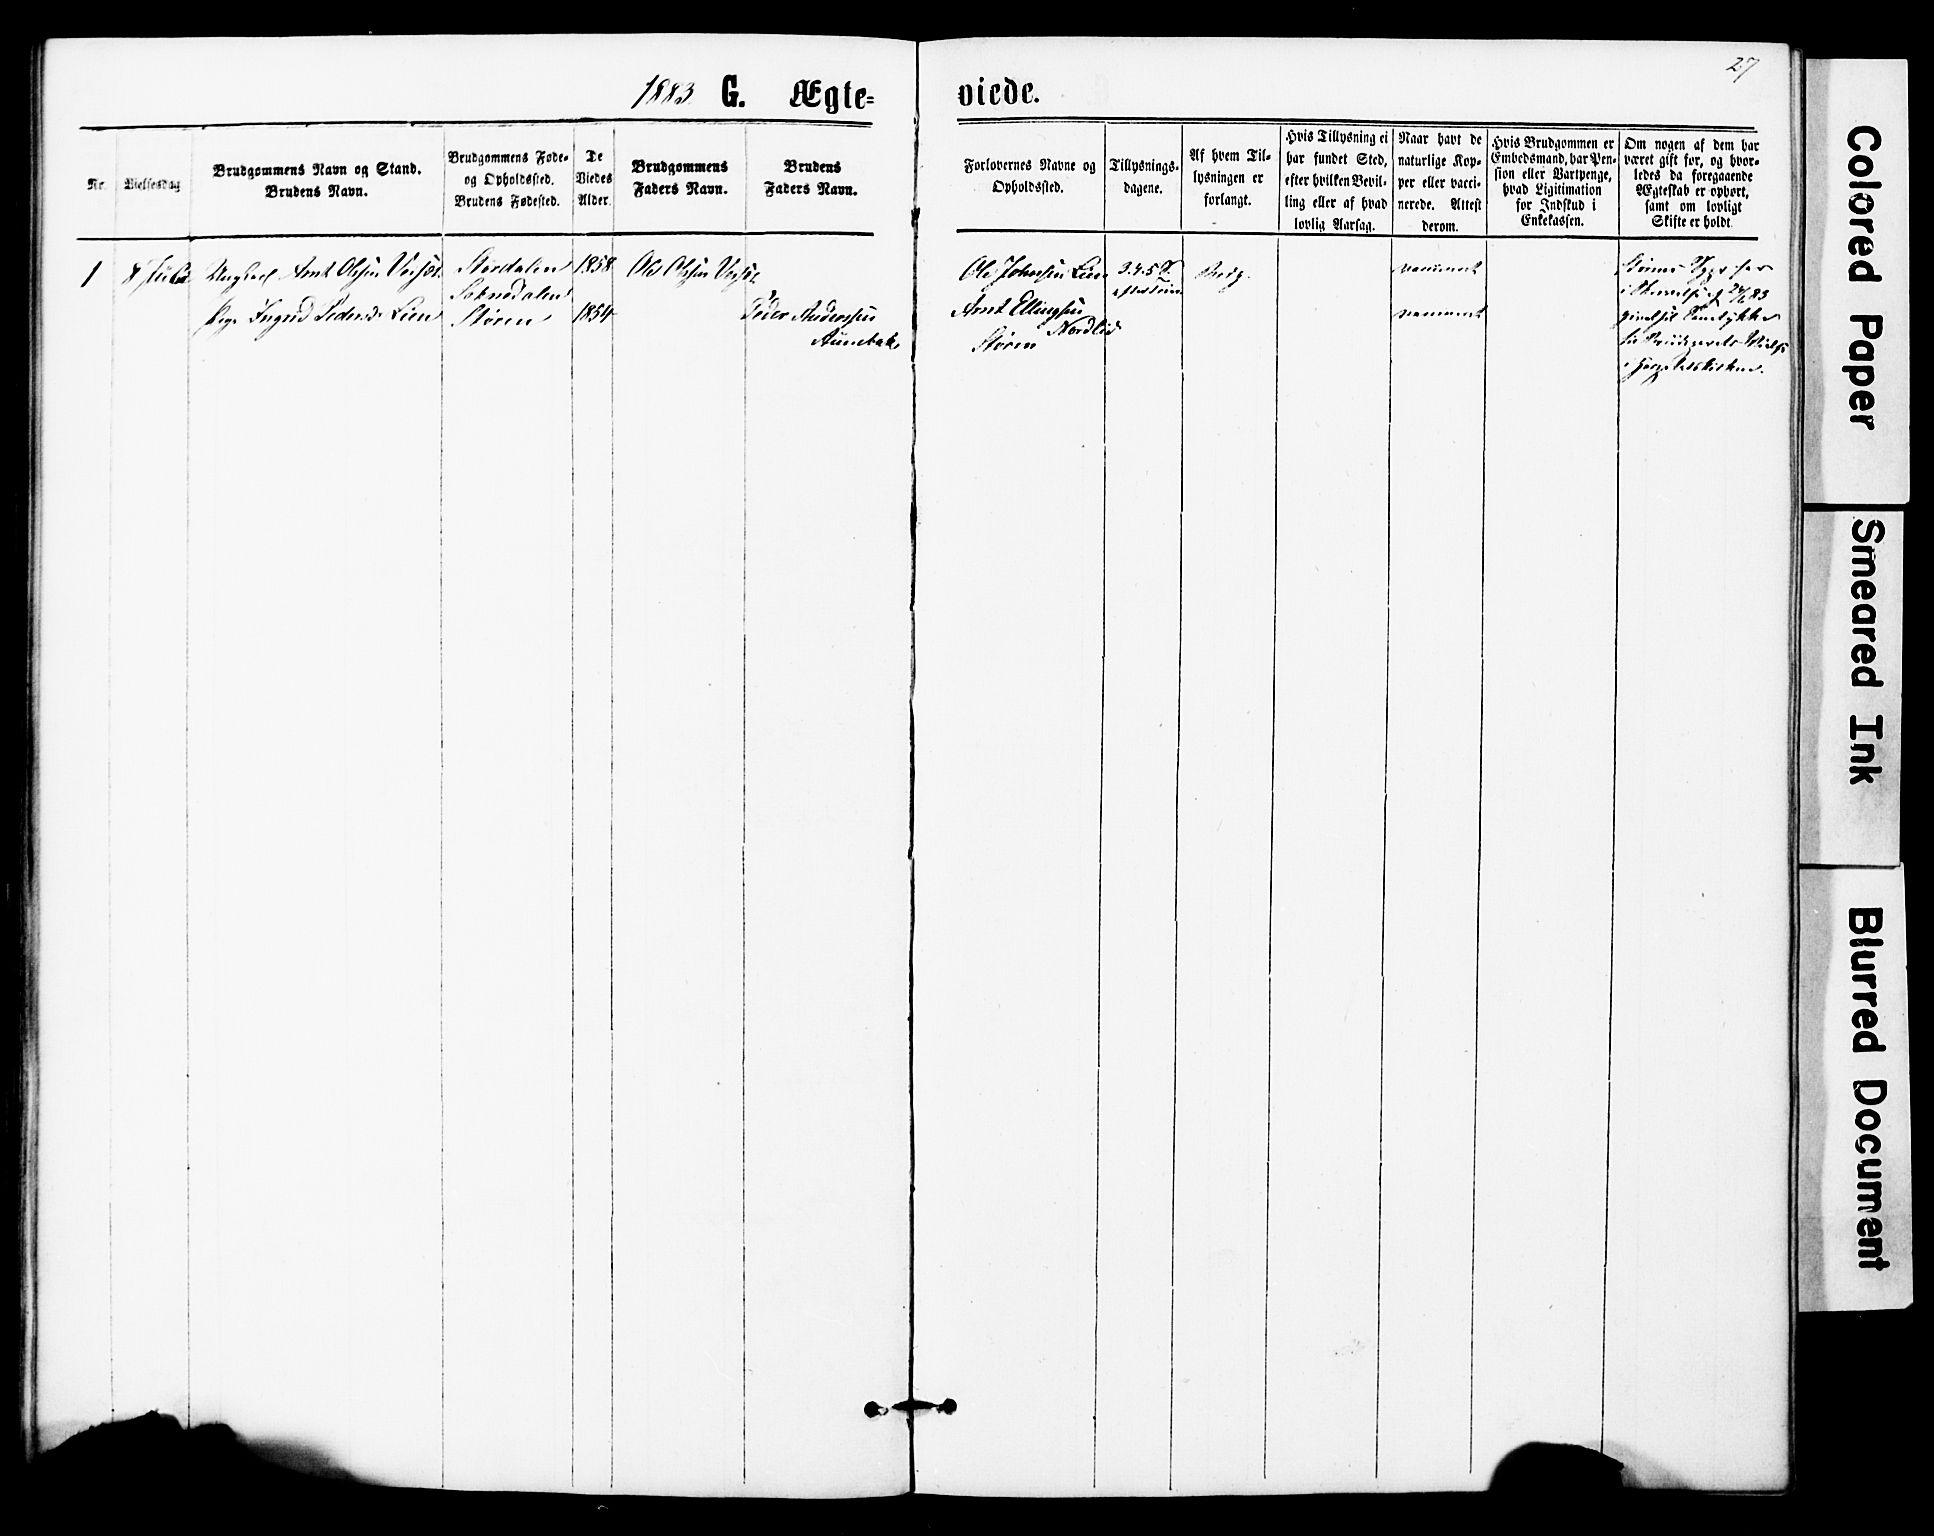 SAT, Ministerialprotokoller, klokkerbøker og fødselsregistre - Sør-Trøndelag, 623/L0469: Ministerialbok nr. 623A03, 1868-1883, s. 27